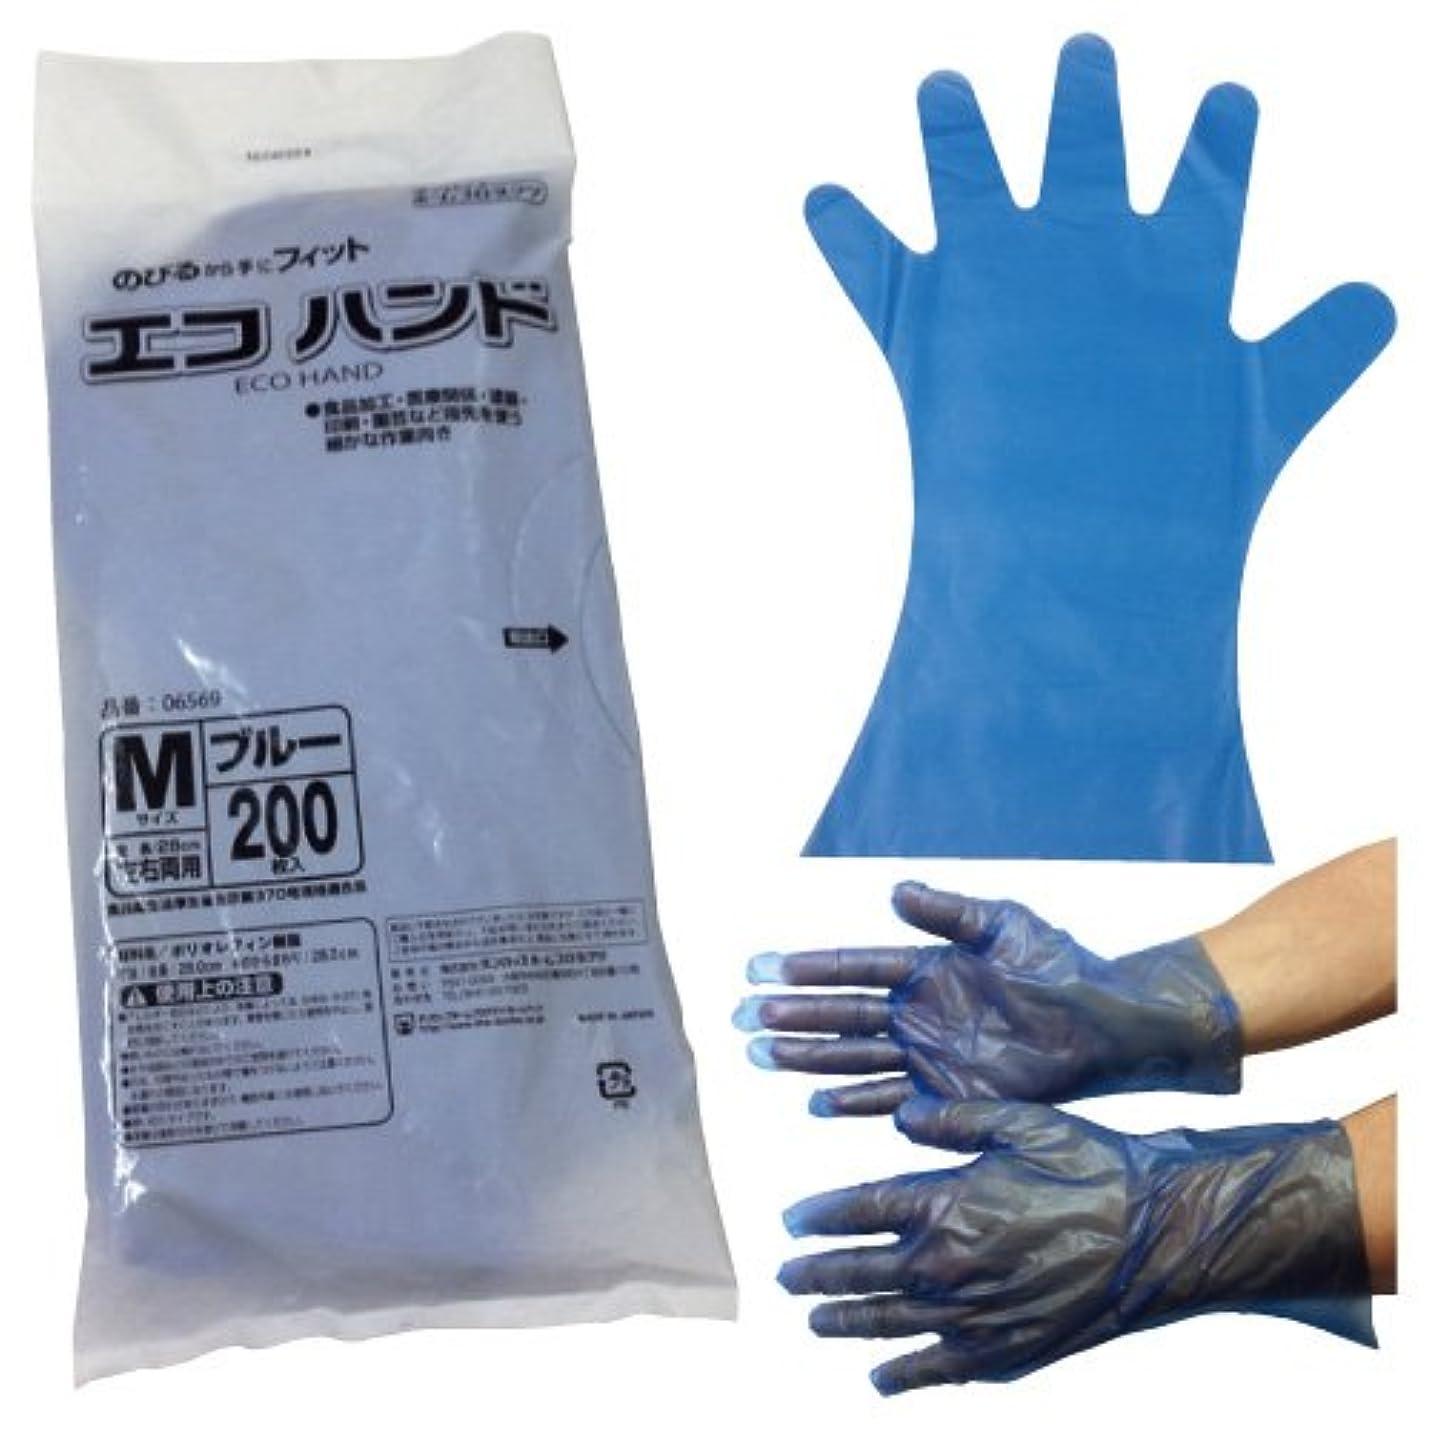 ナビゲーション横にスタイル補助用手袋 エコハンド(M) ?????????????????(M) 6569(200????)【20袋単位】(24-3470-01)